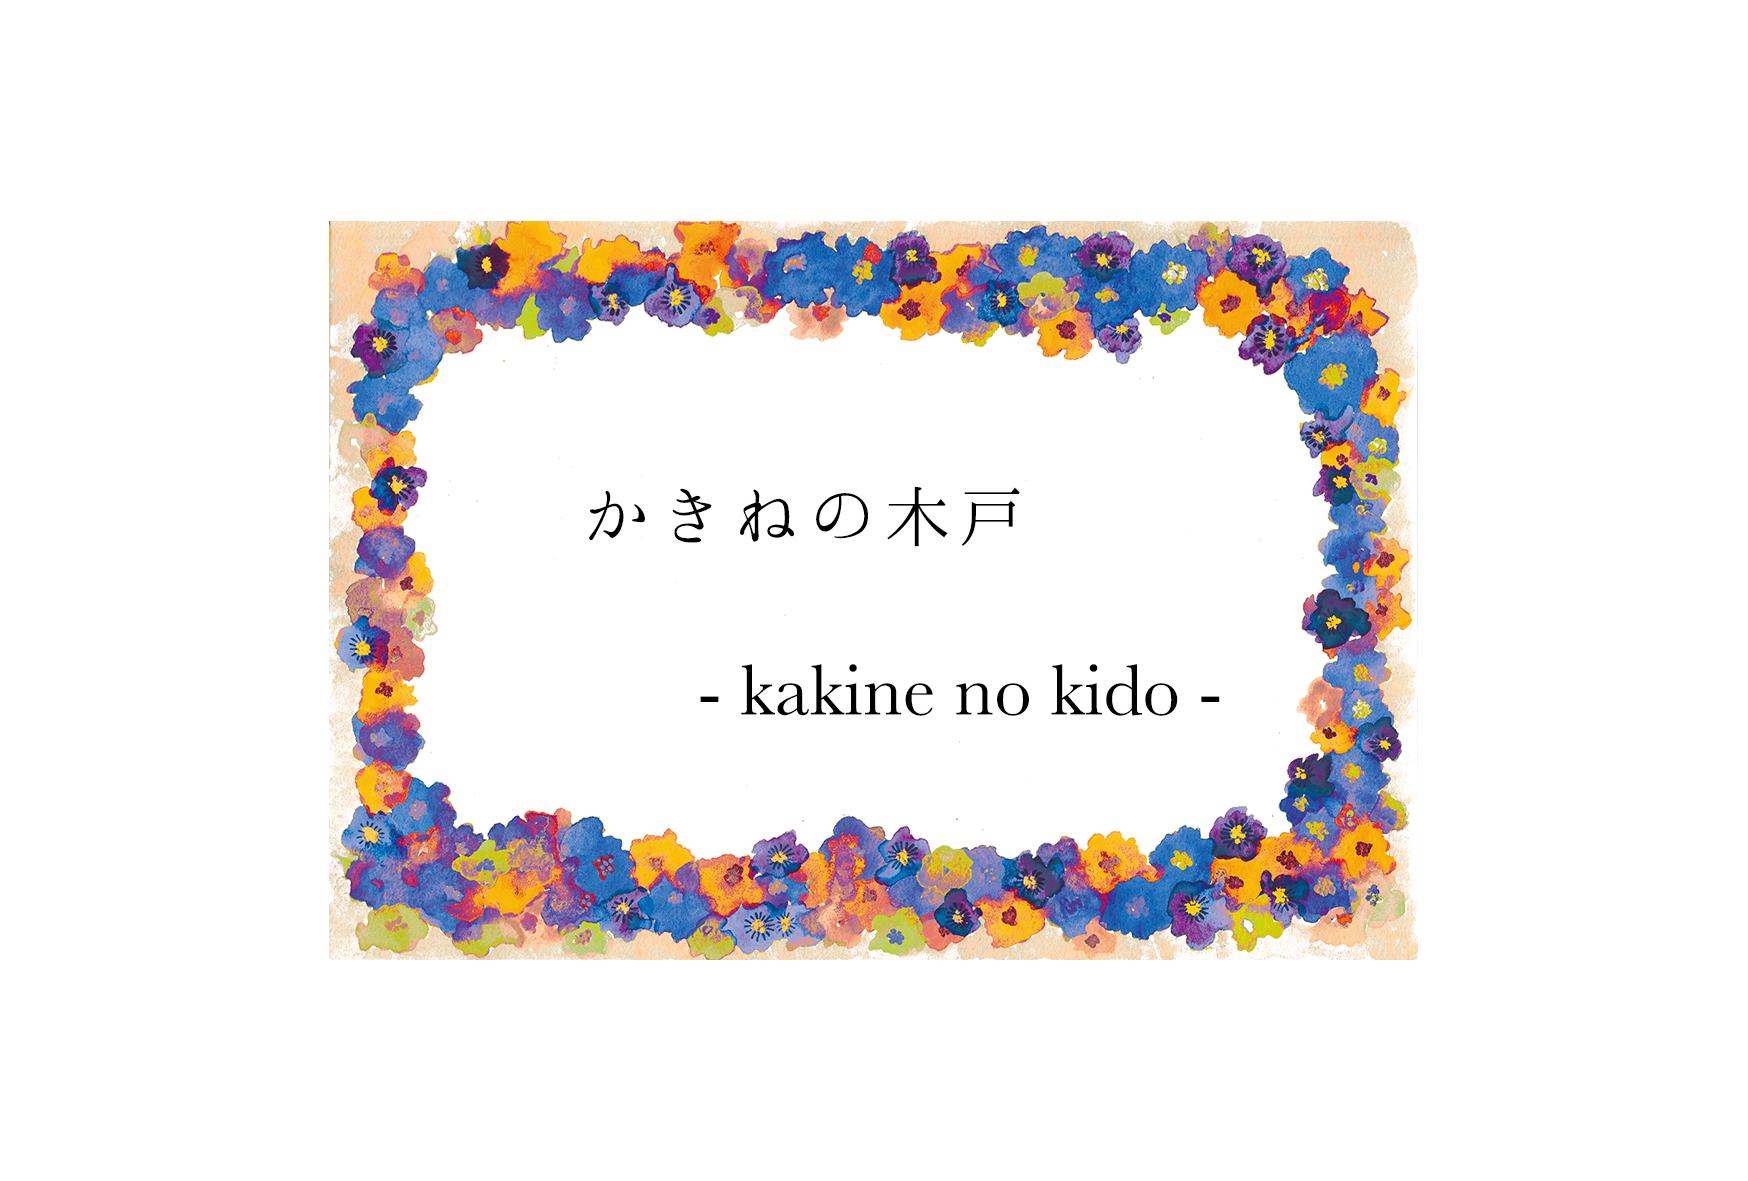 かきねの木戸 / kakine no kido